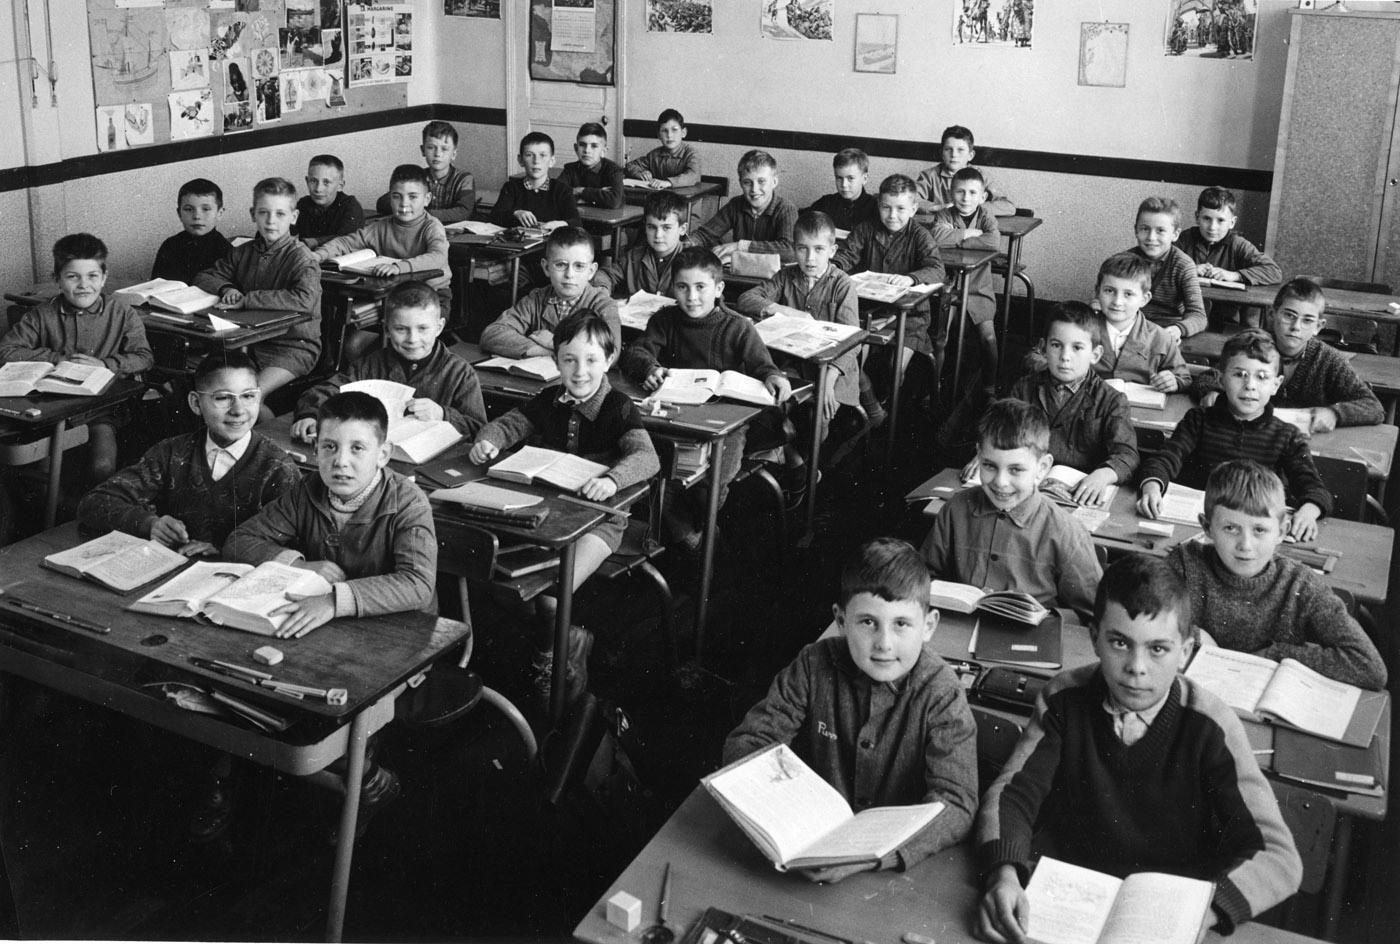 Ecole de la vie salle de classe vintage rétro années 60